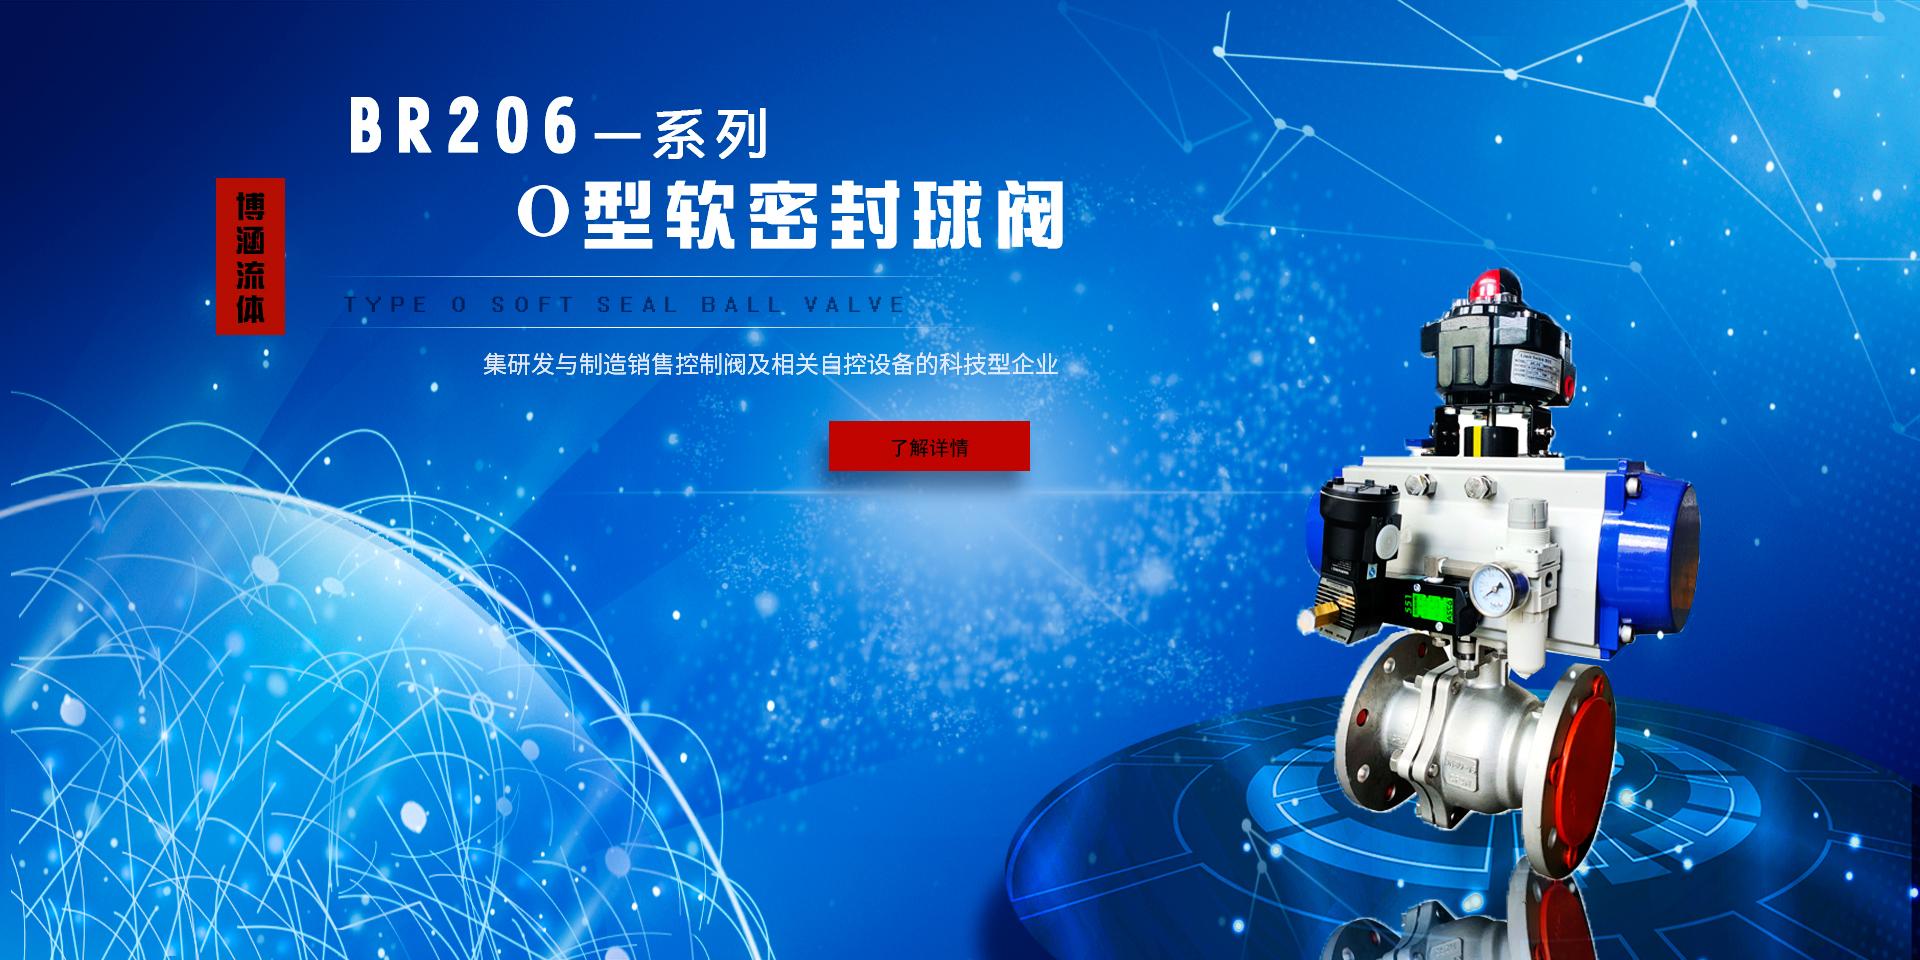 气动调节阀厂家,电动调节阀价格,气动调节阀生产